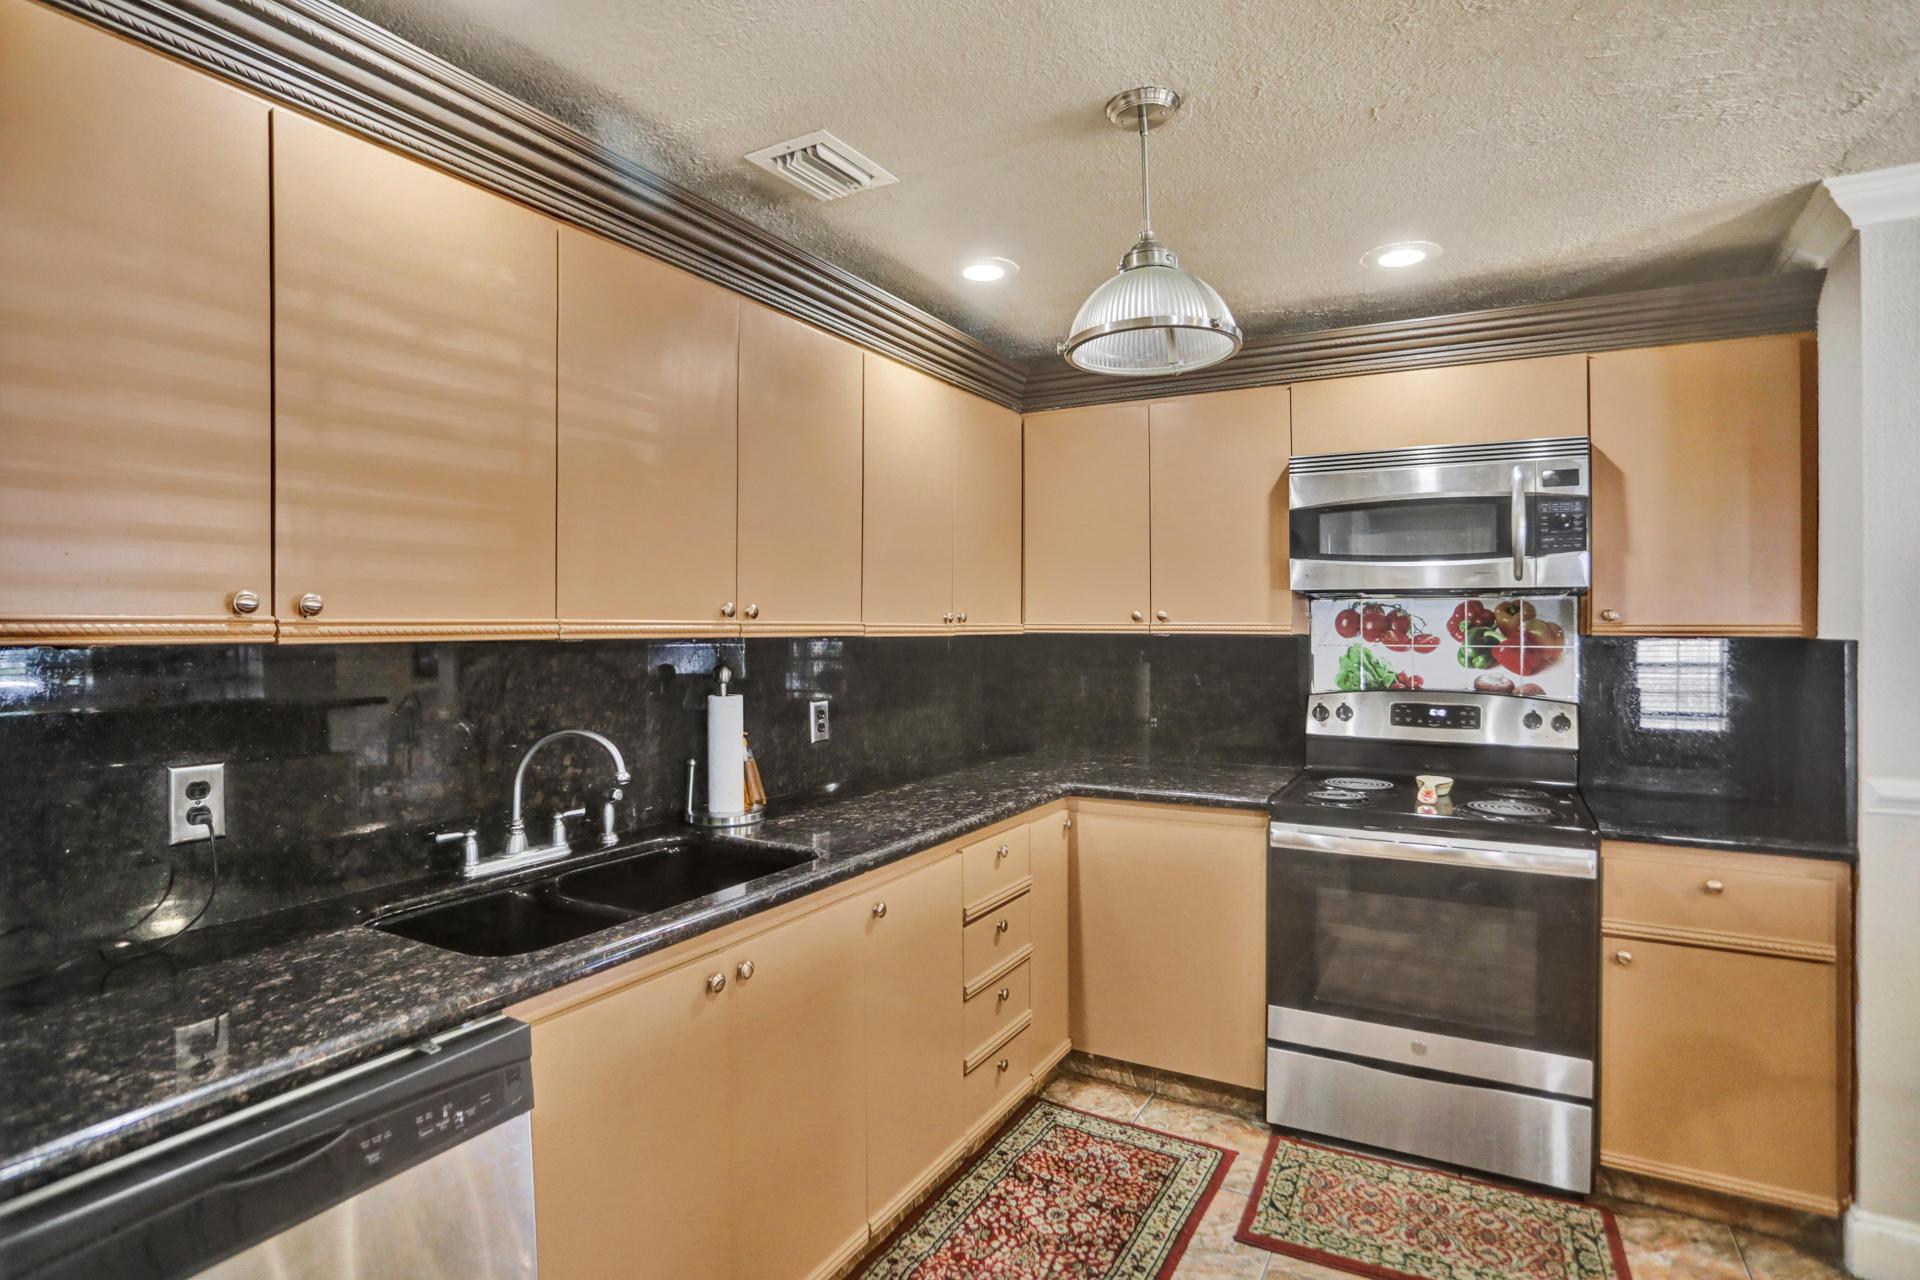 117 11th Avenue, Delray Beach, Florida 33444, 2 Bedrooms Bedrooms, ,2.1 BathroomsBathrooms,A,Single family,11th,RX-10617138